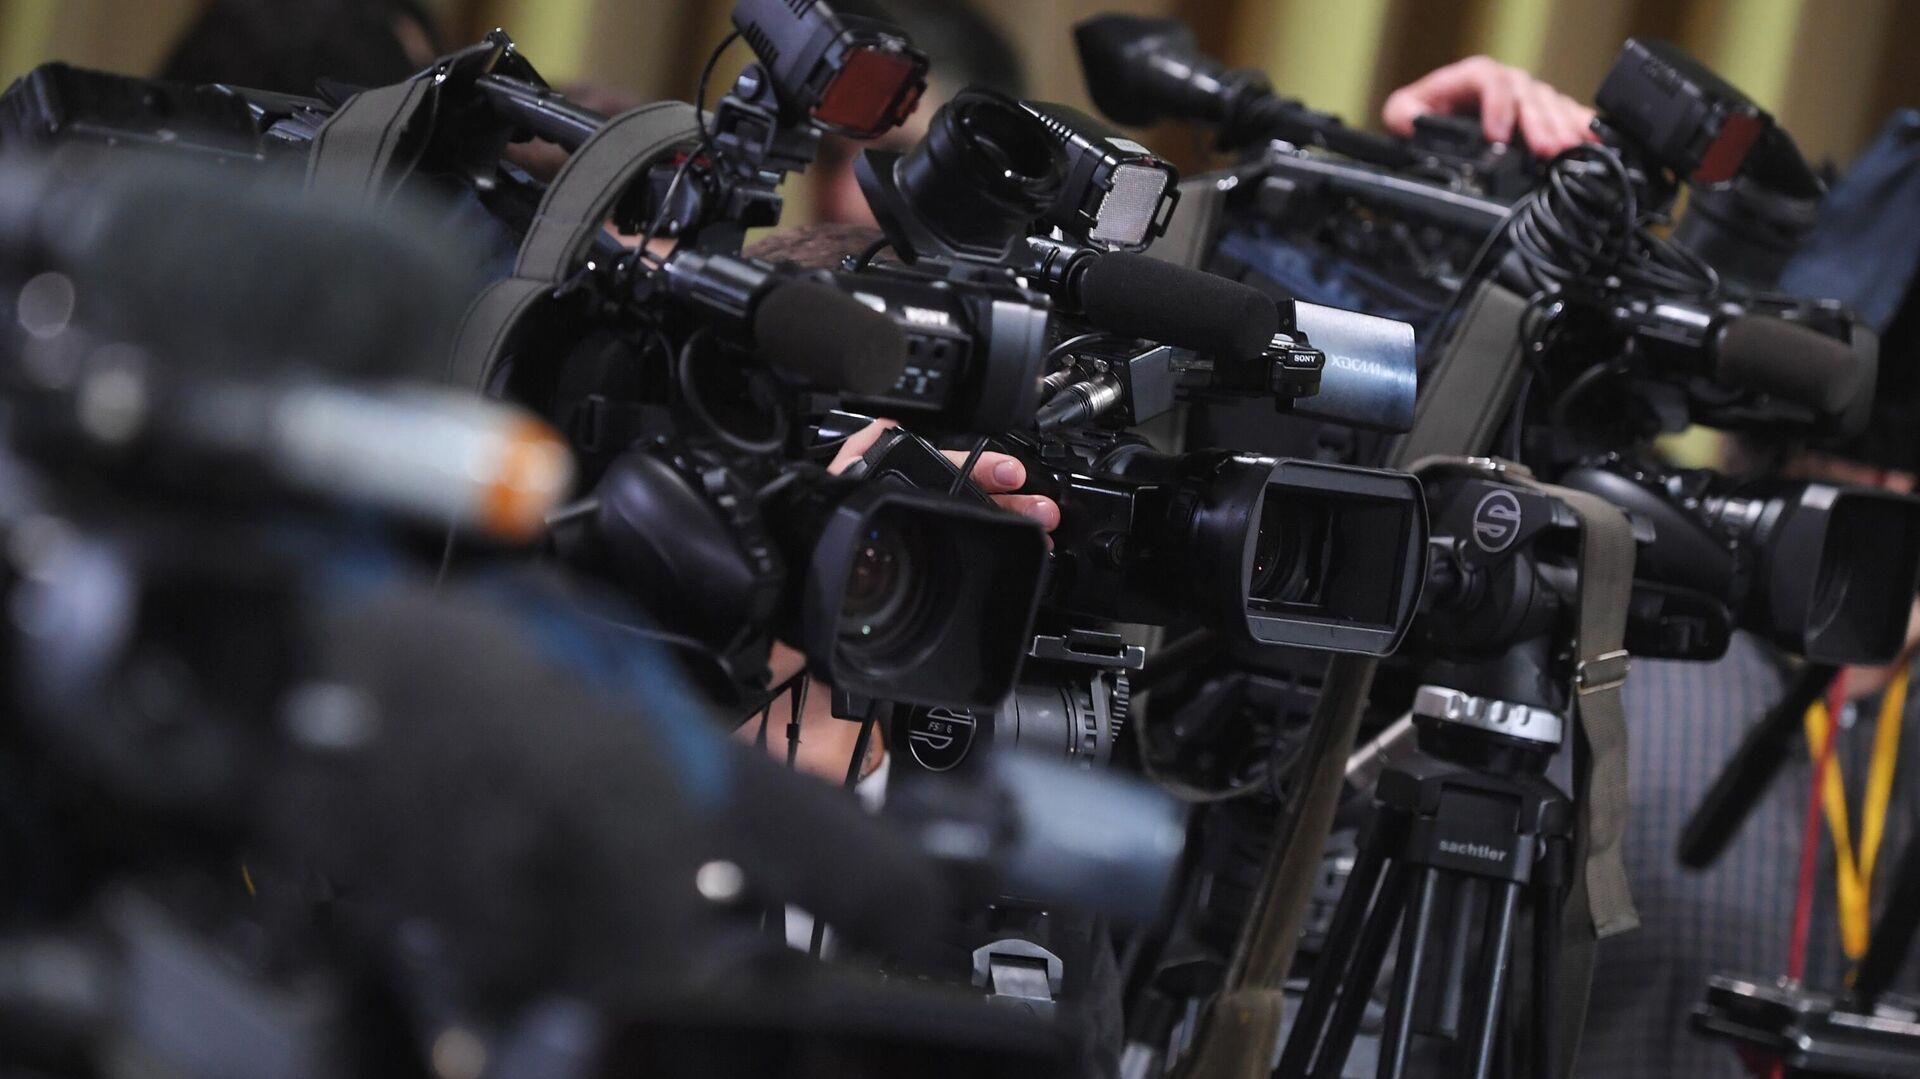 Камеры журналистов, установленные в зале Центра международной торговли на Красной Пресне, где пройдет большая ежегодная пресс-конференция президента РФ Владимира Путина - РИА Новости, 1920, 15.12.2020